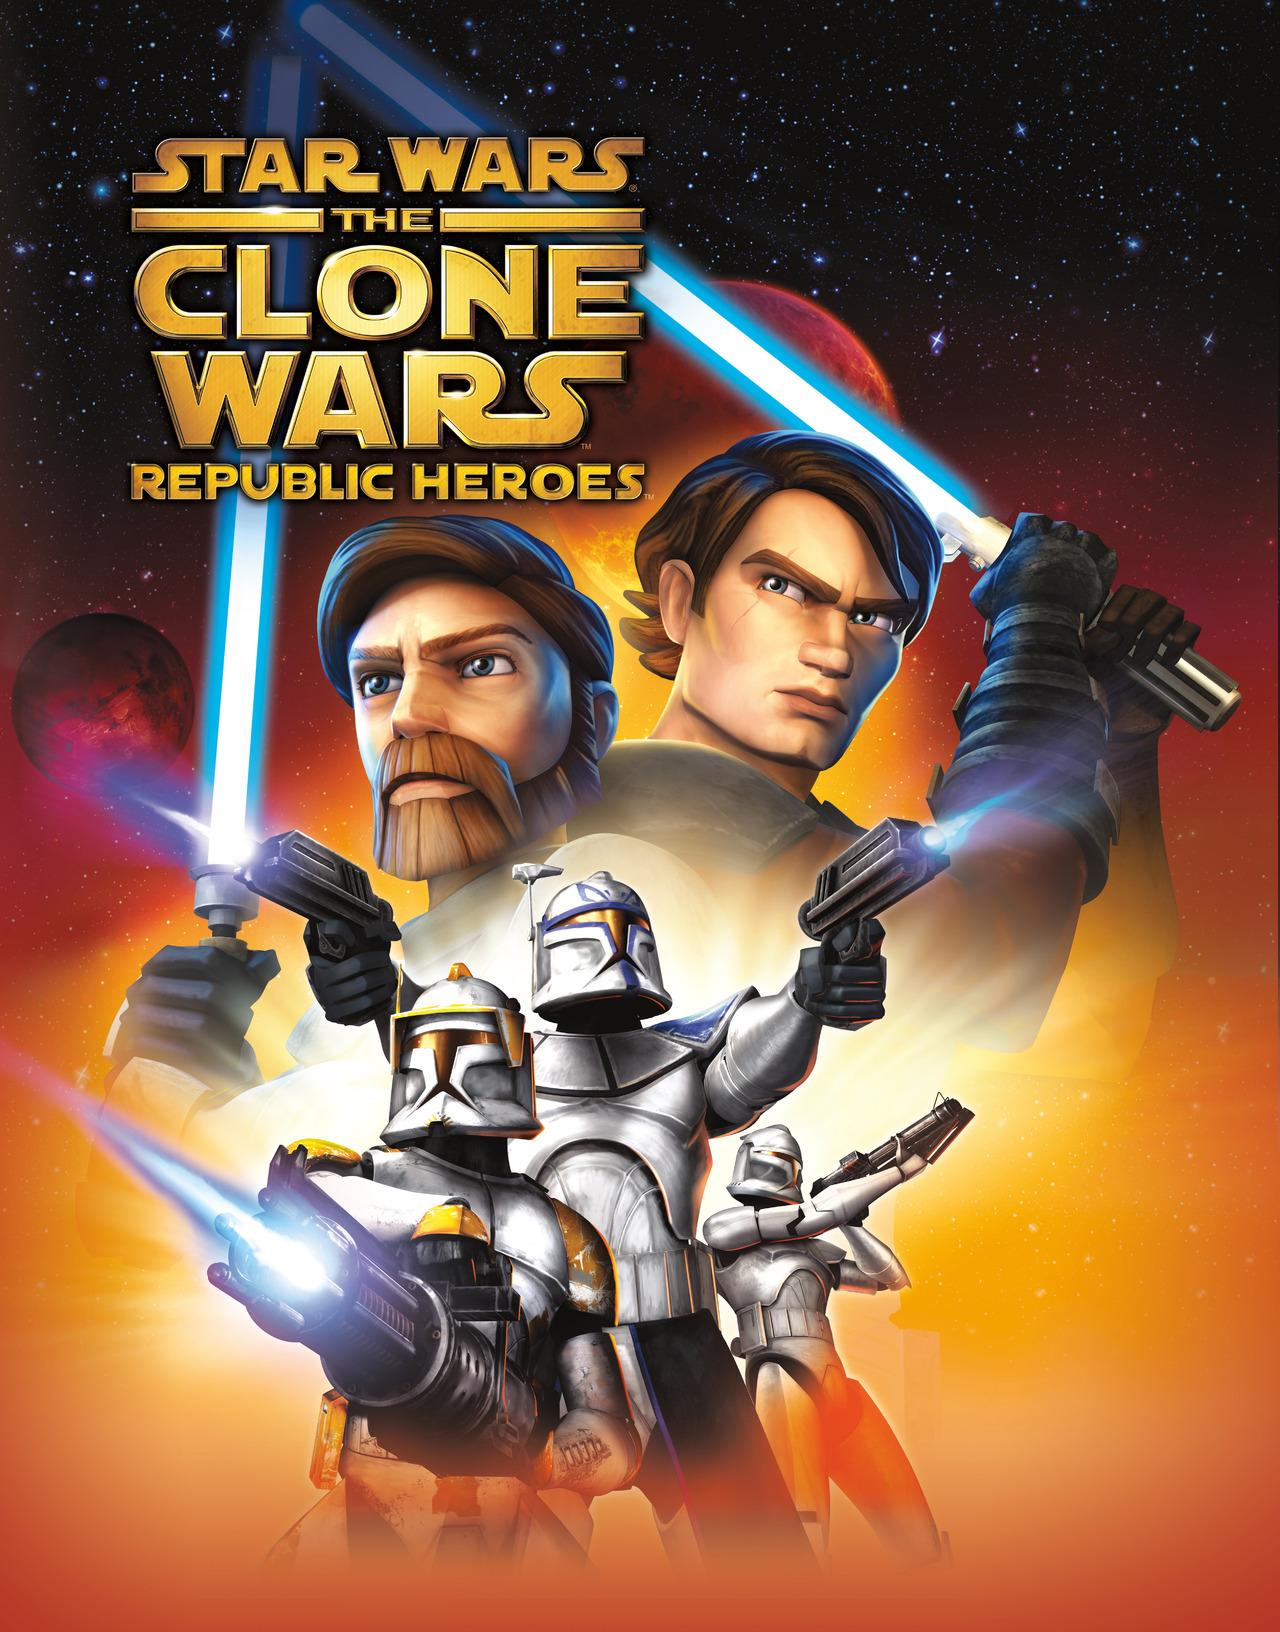 Jeuxvideo com star wars the clone wars les héros de la république